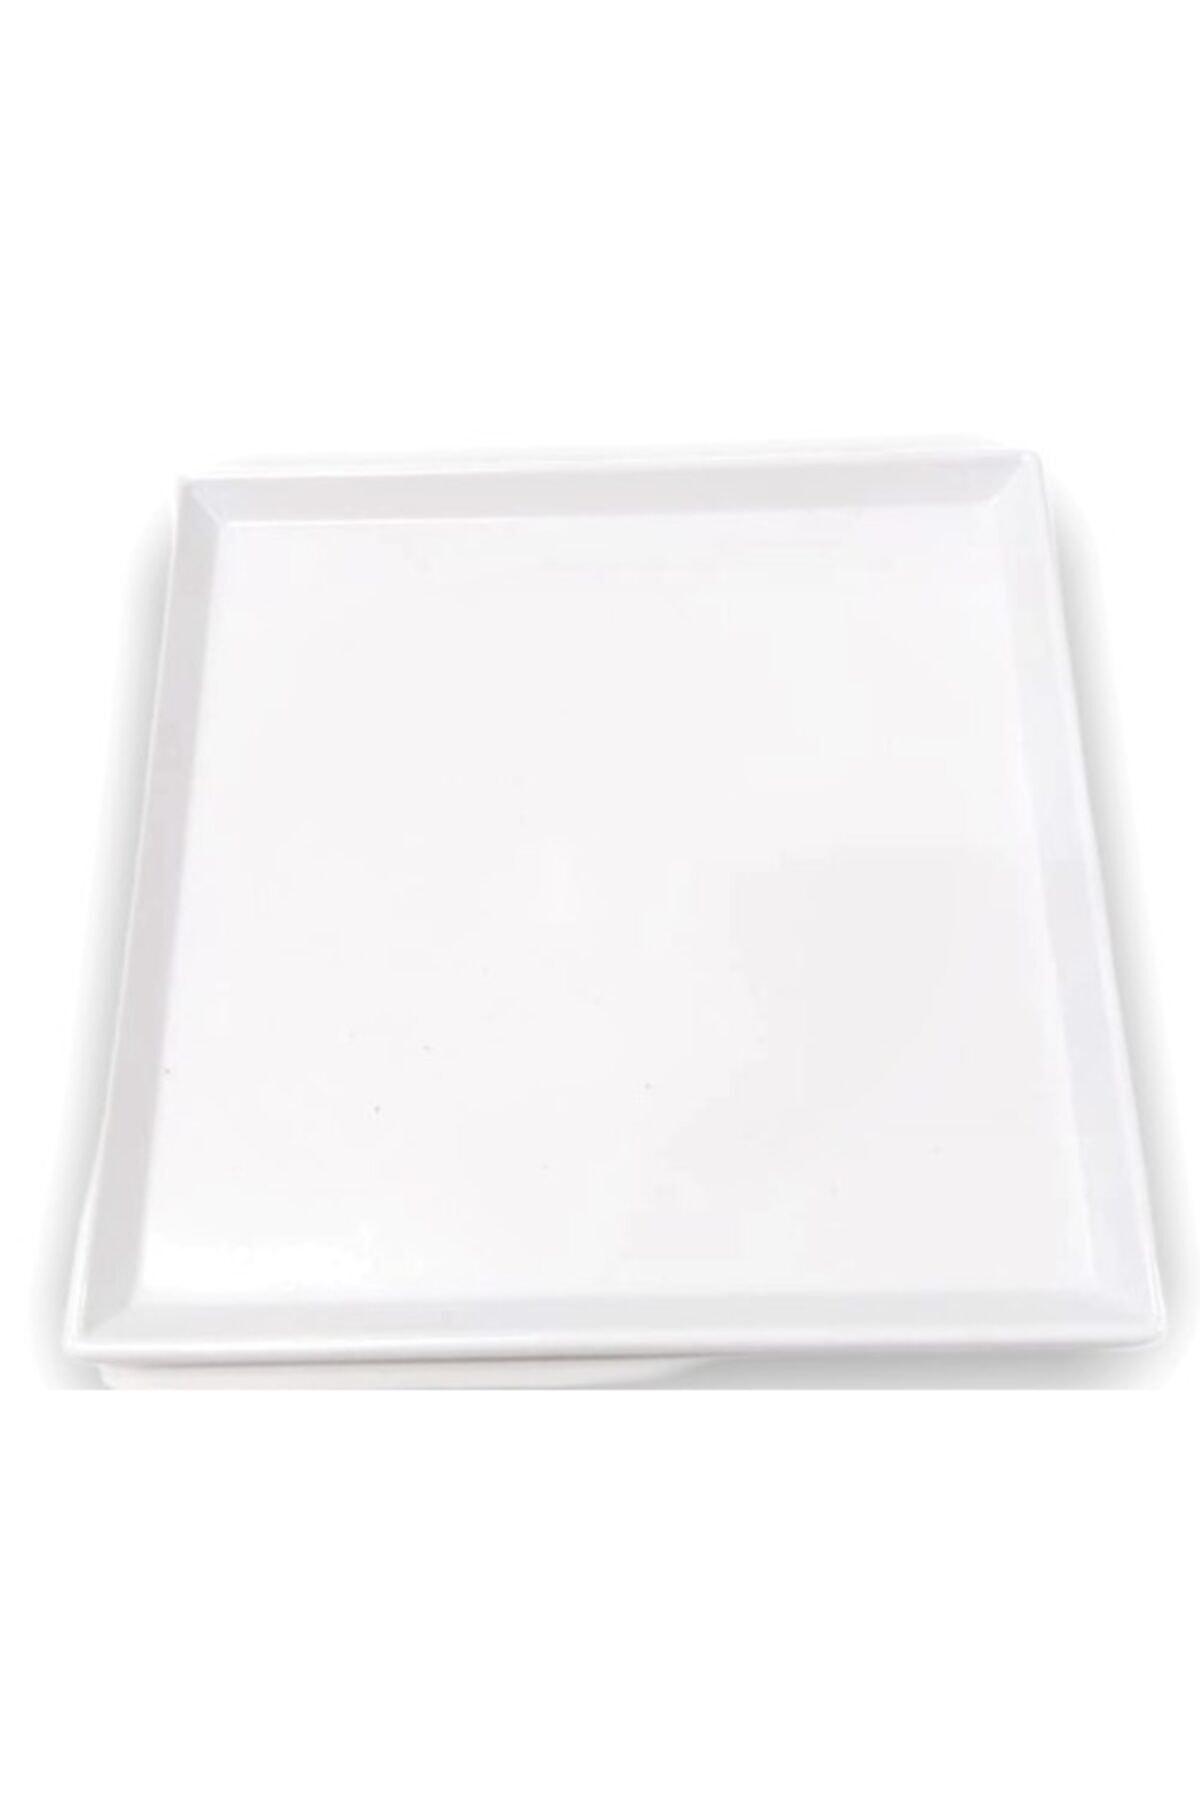 Evren 20x20cm Beyaz Sunum Tabağı Thermo Melamin 1